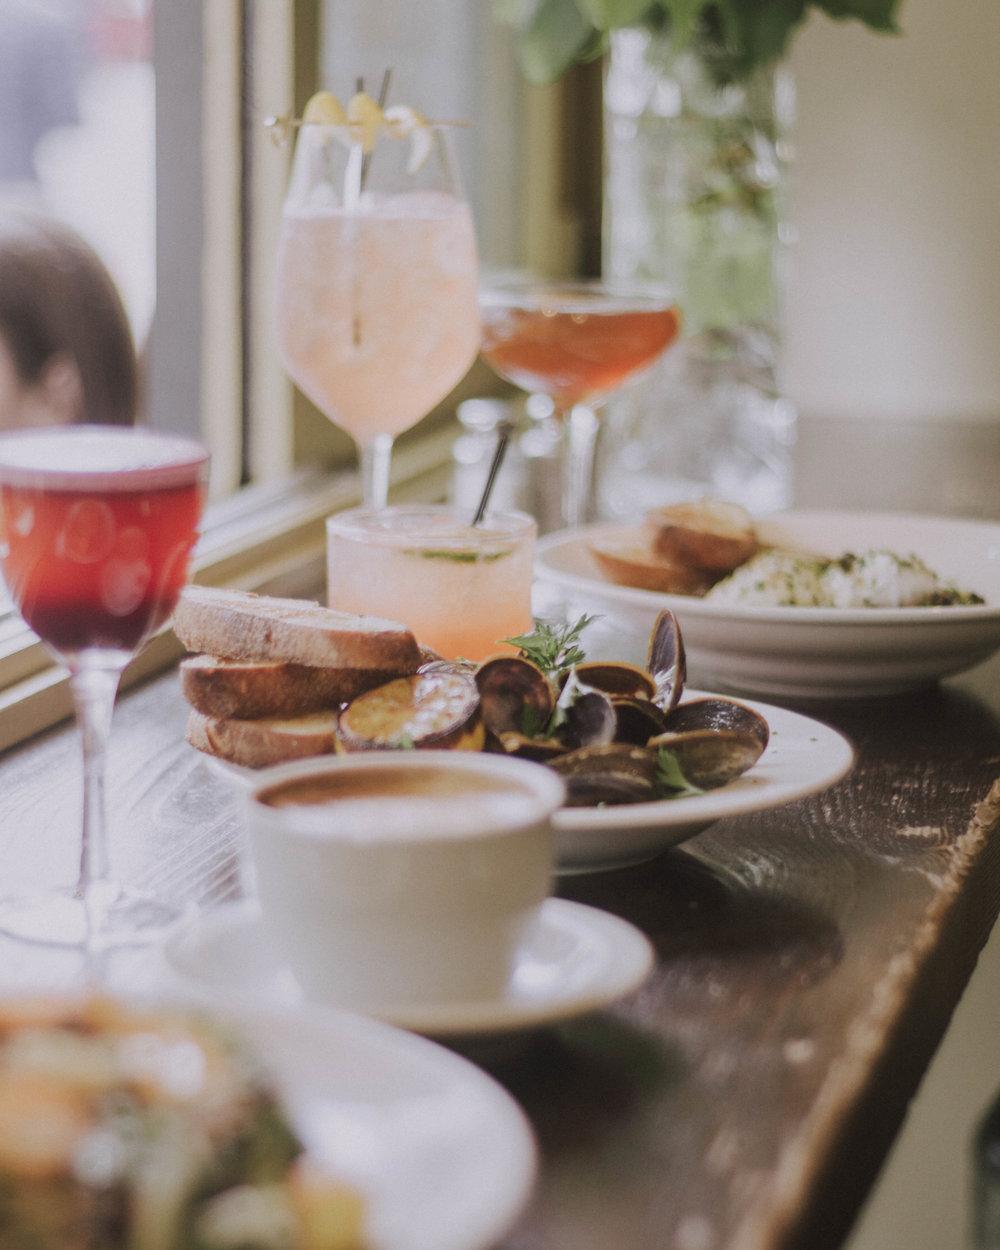 Happy Hour menu at Cafe Pettirosso